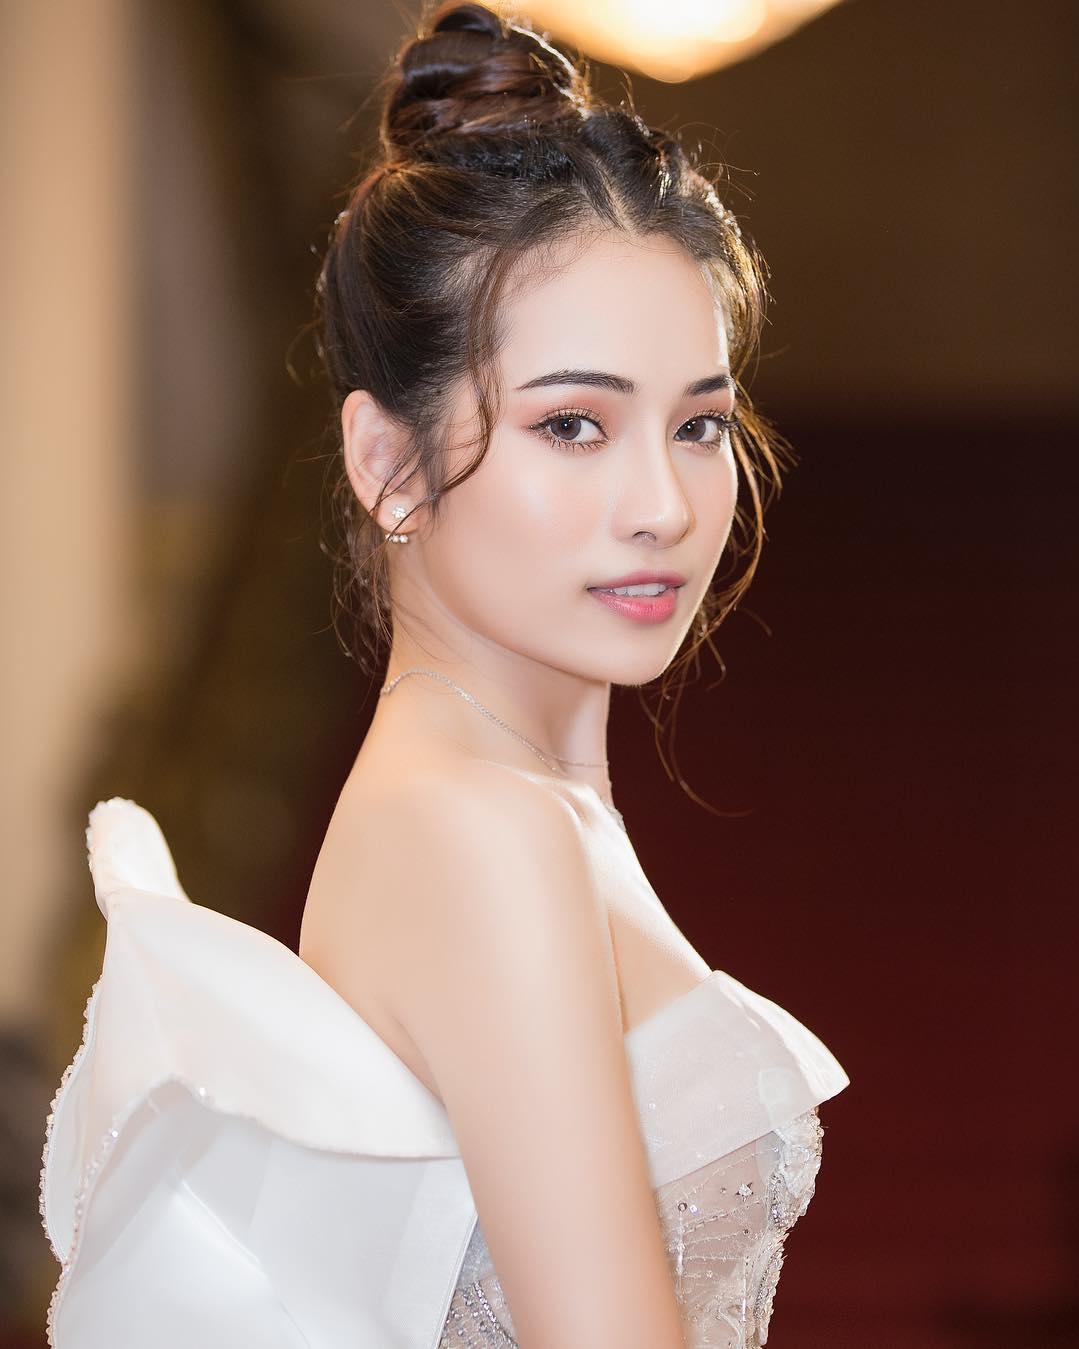 Để không phải hất tóc vào mặt người khác, Á hậu Linh Chi nên tham luôn và khảo ngay loạt style tóc đi dự sư kiện sang - xịn - mịn thế này - Ảnh 10.